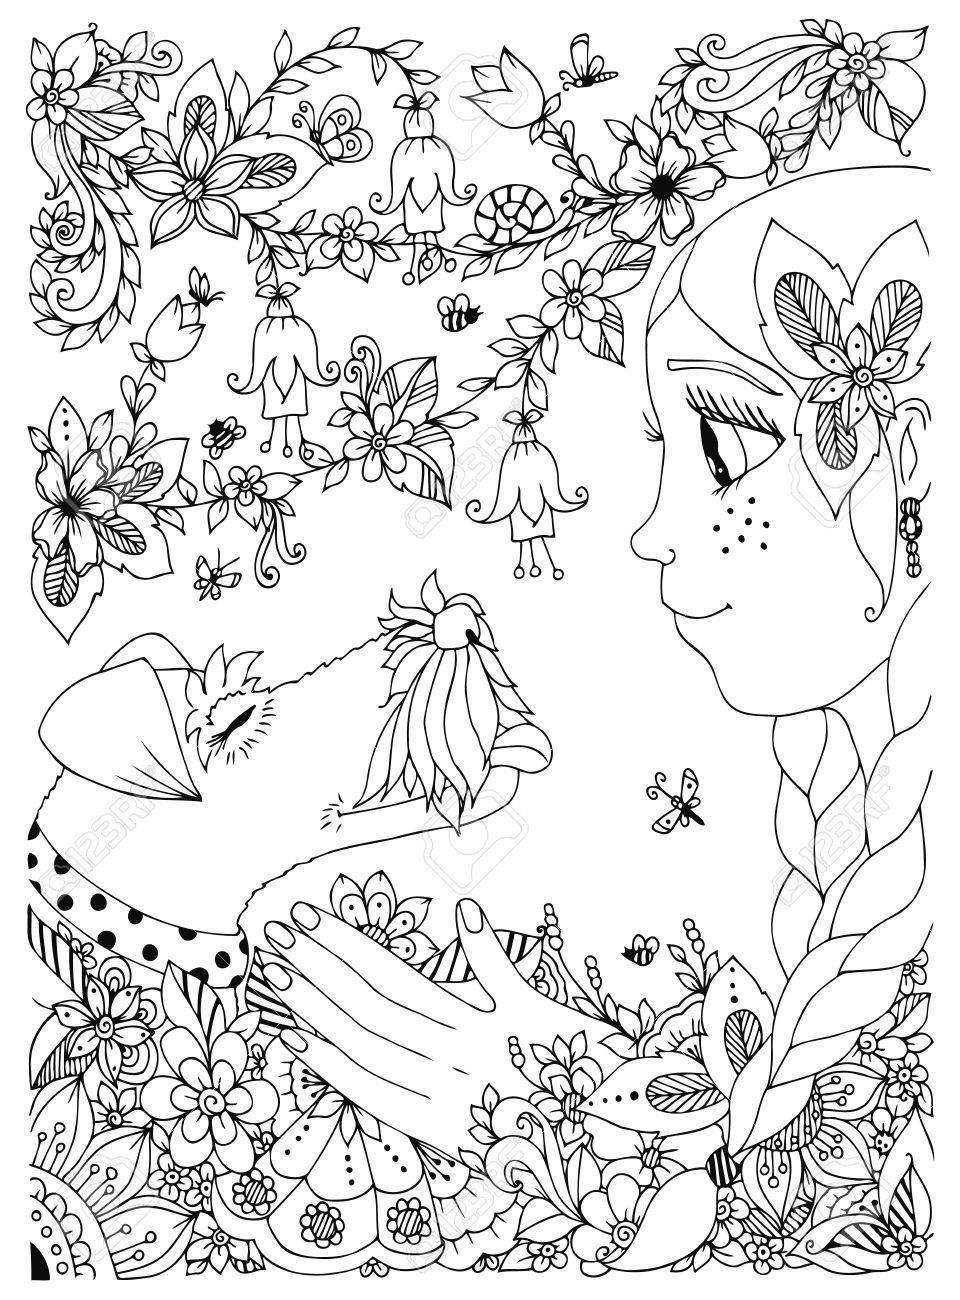 Coloriage Chien A Taches.Vector Illustration D Une Fille Avec Des Taches De Rousseur Etreindre Renard Chien Terrier Fleurs De Griffonnage Cadre Foret Jardin Dessin